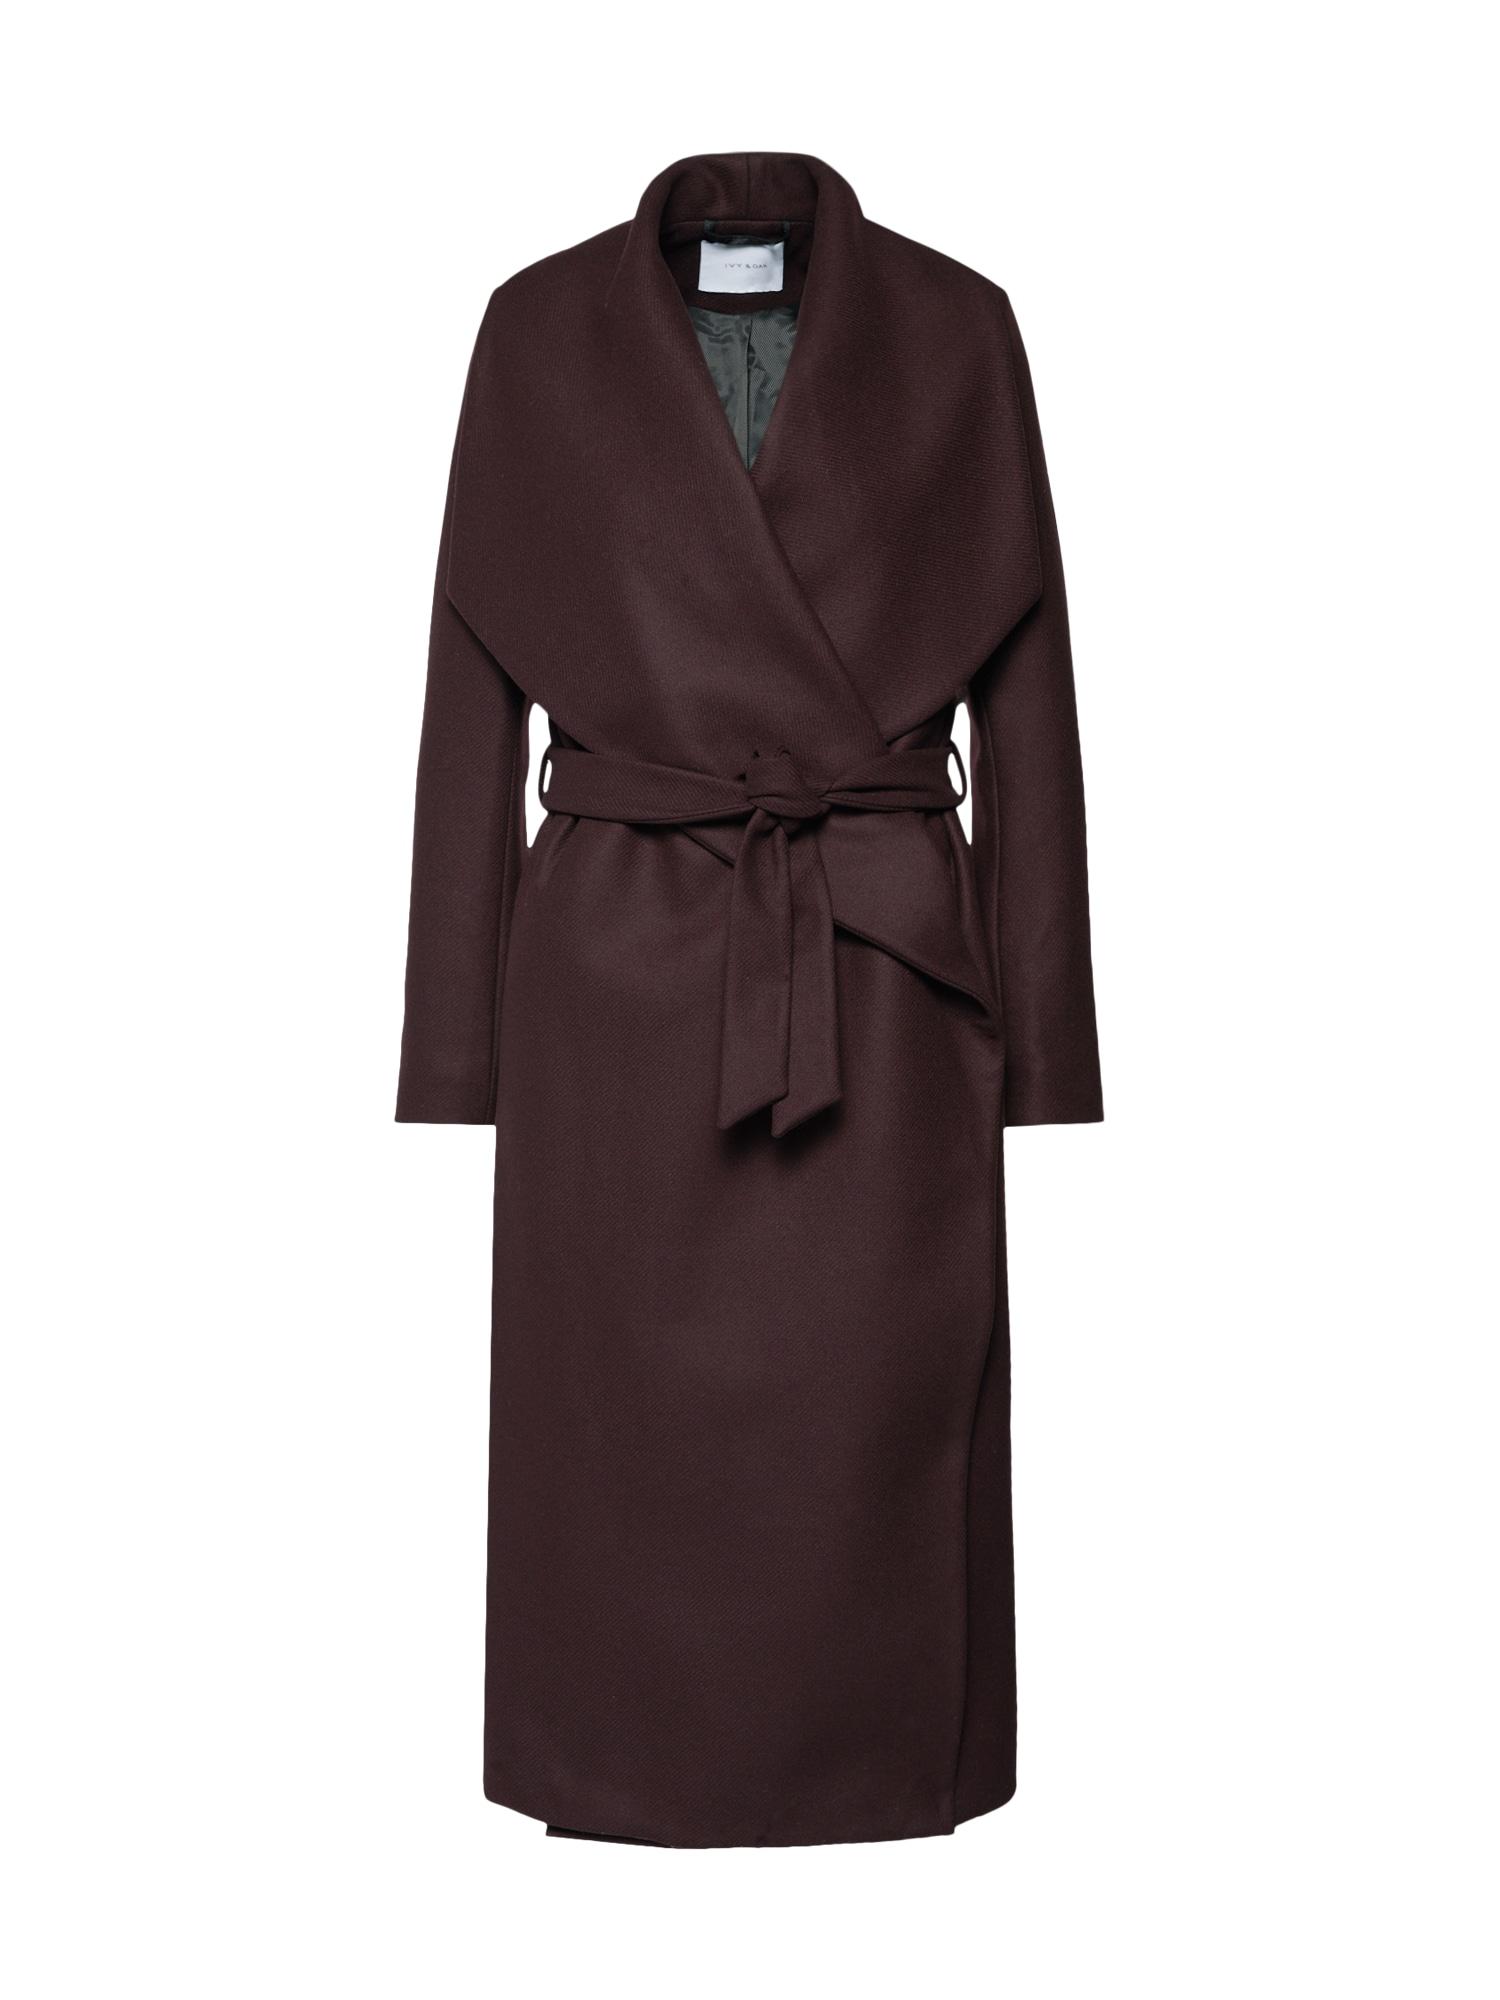 Přechodný kabát Bathrobe Coat lilek IVY & OAK